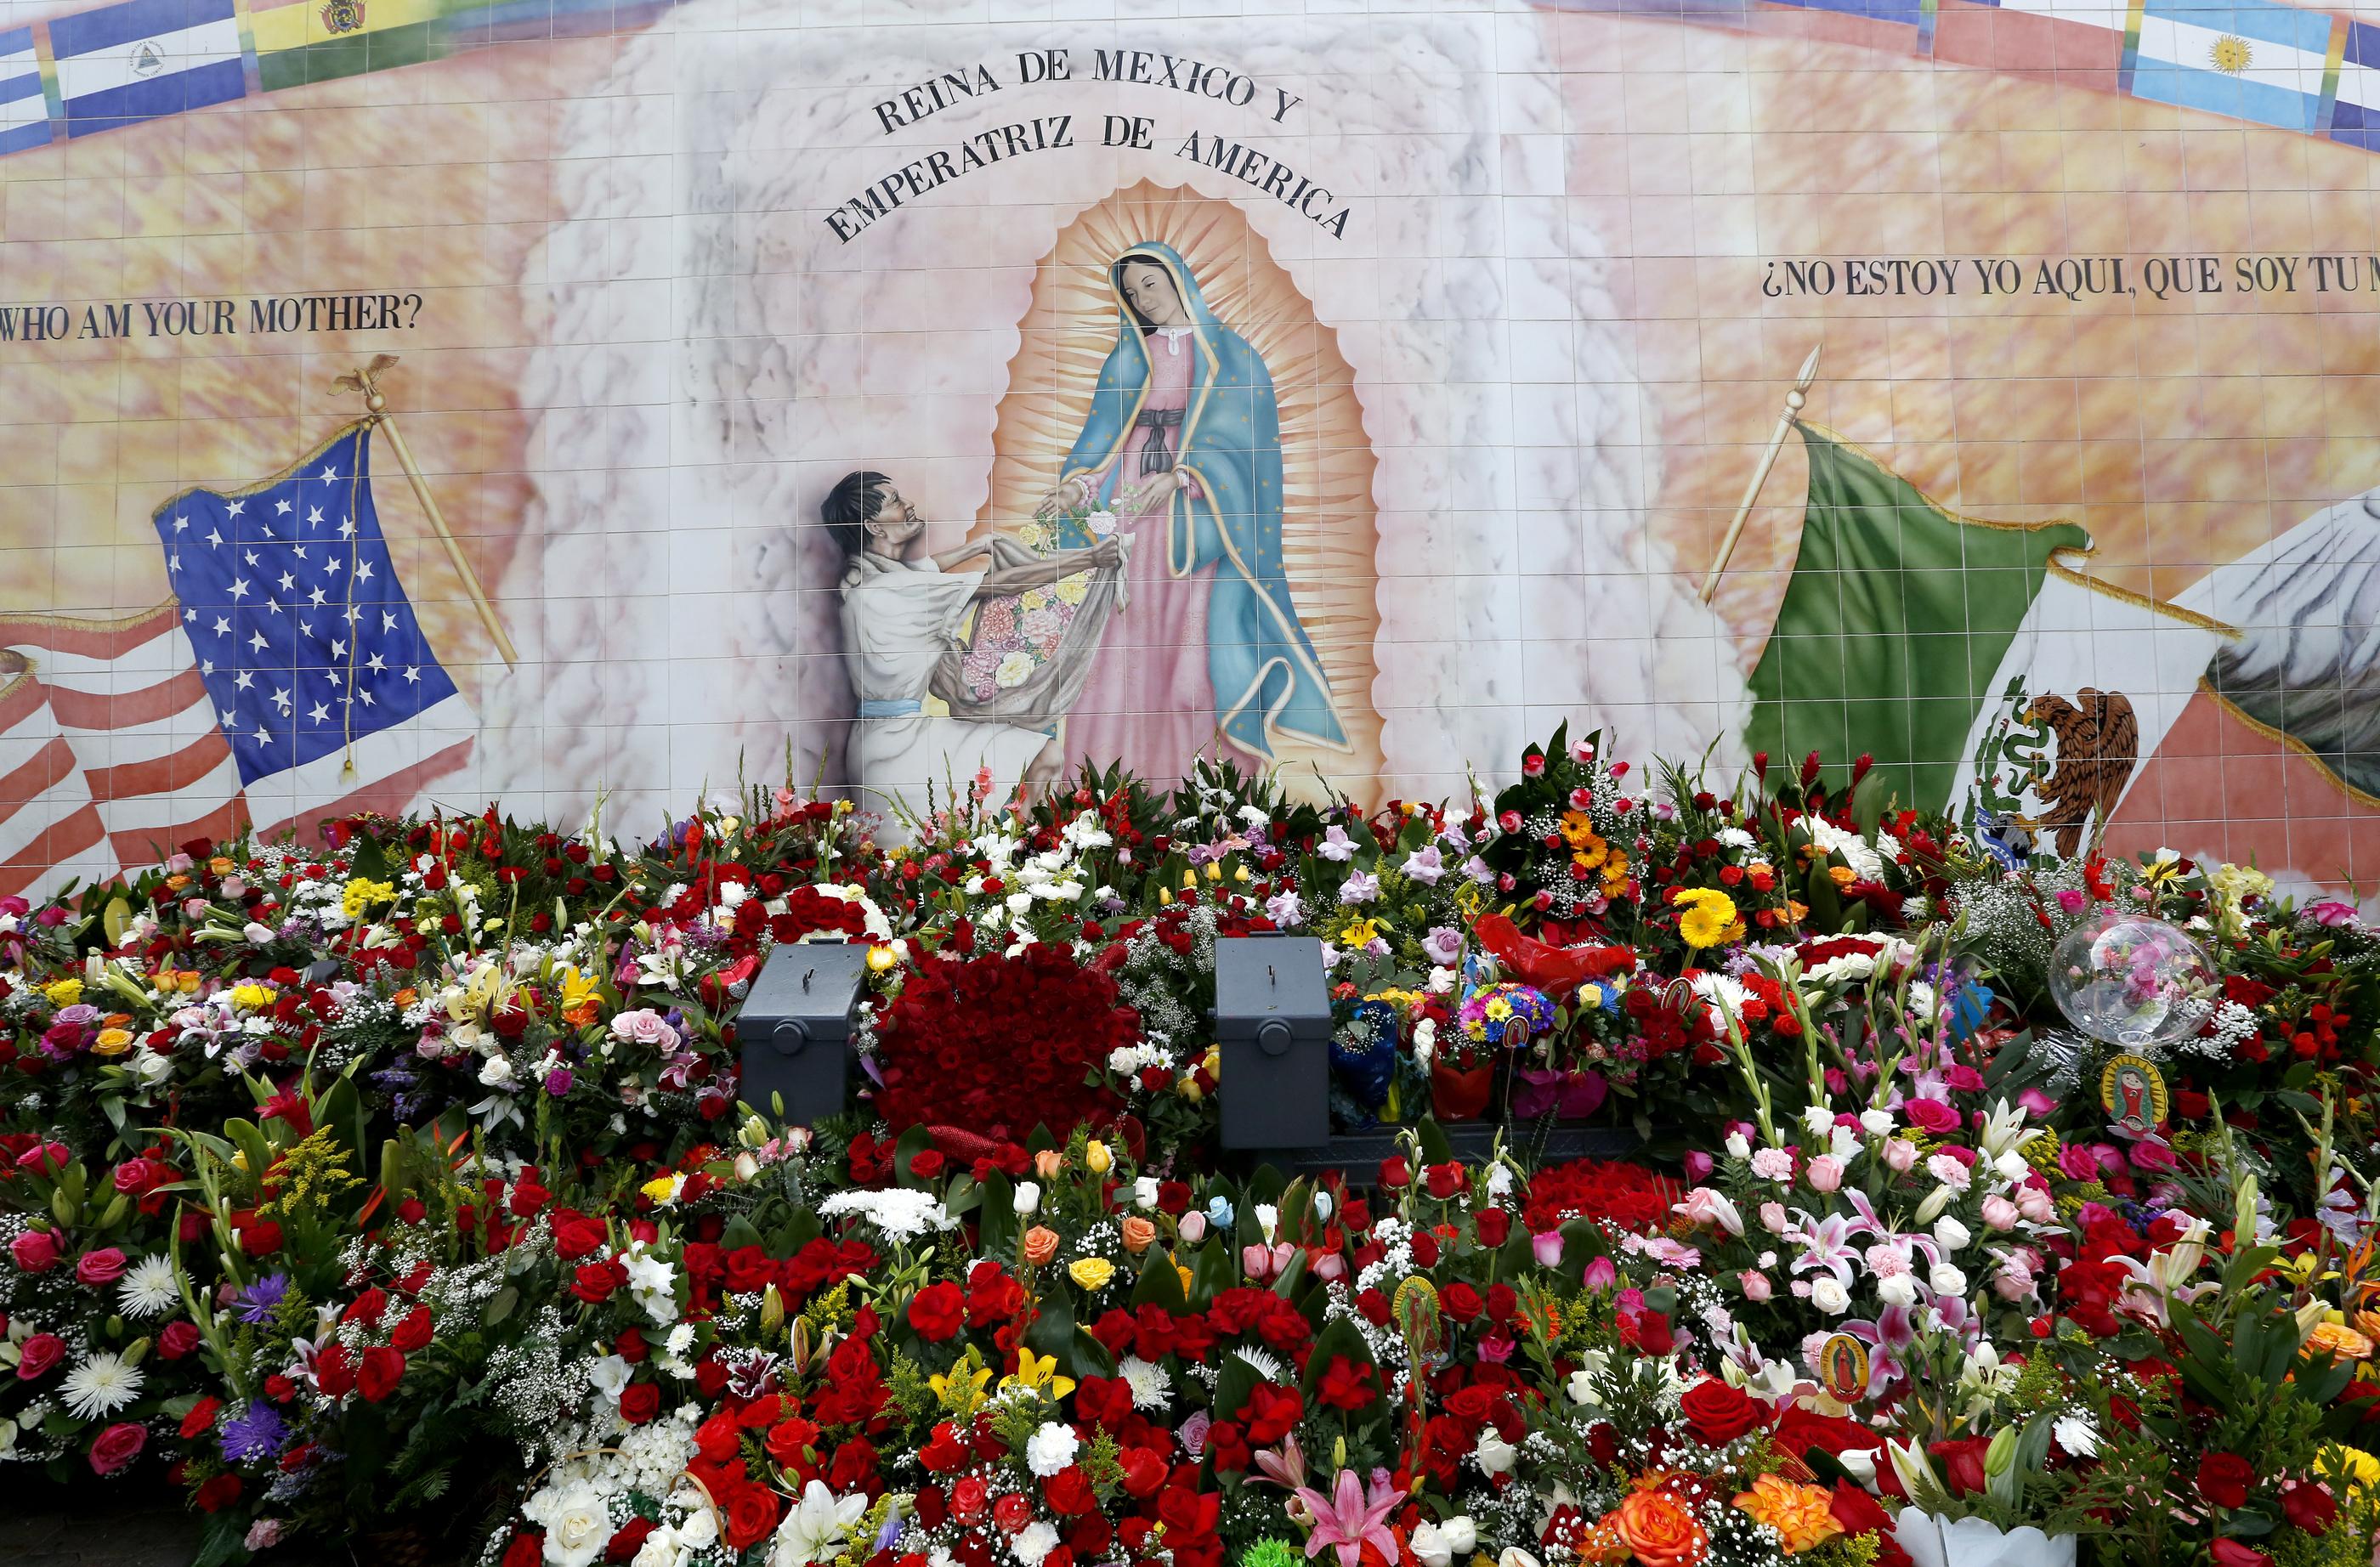 El mural de la Virgen Guadalupe flanqueado por las banderas de Estados Unidos y México. / Foto: Aurelia Ventura, La Opinión